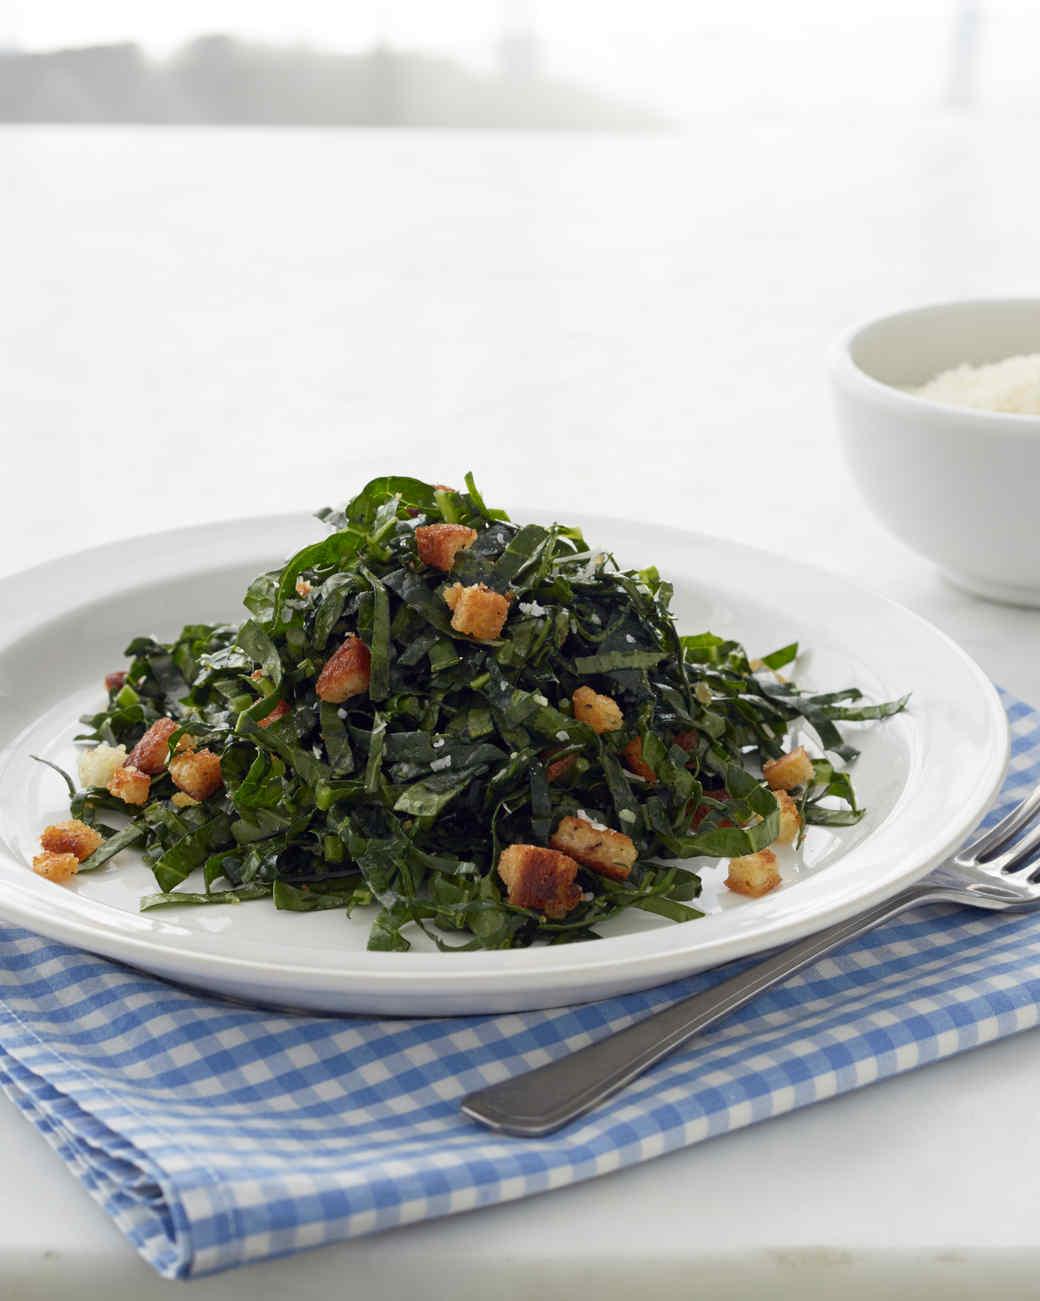 cooking-school-kale-ceasar-salad-091-d111289-0914.jpg